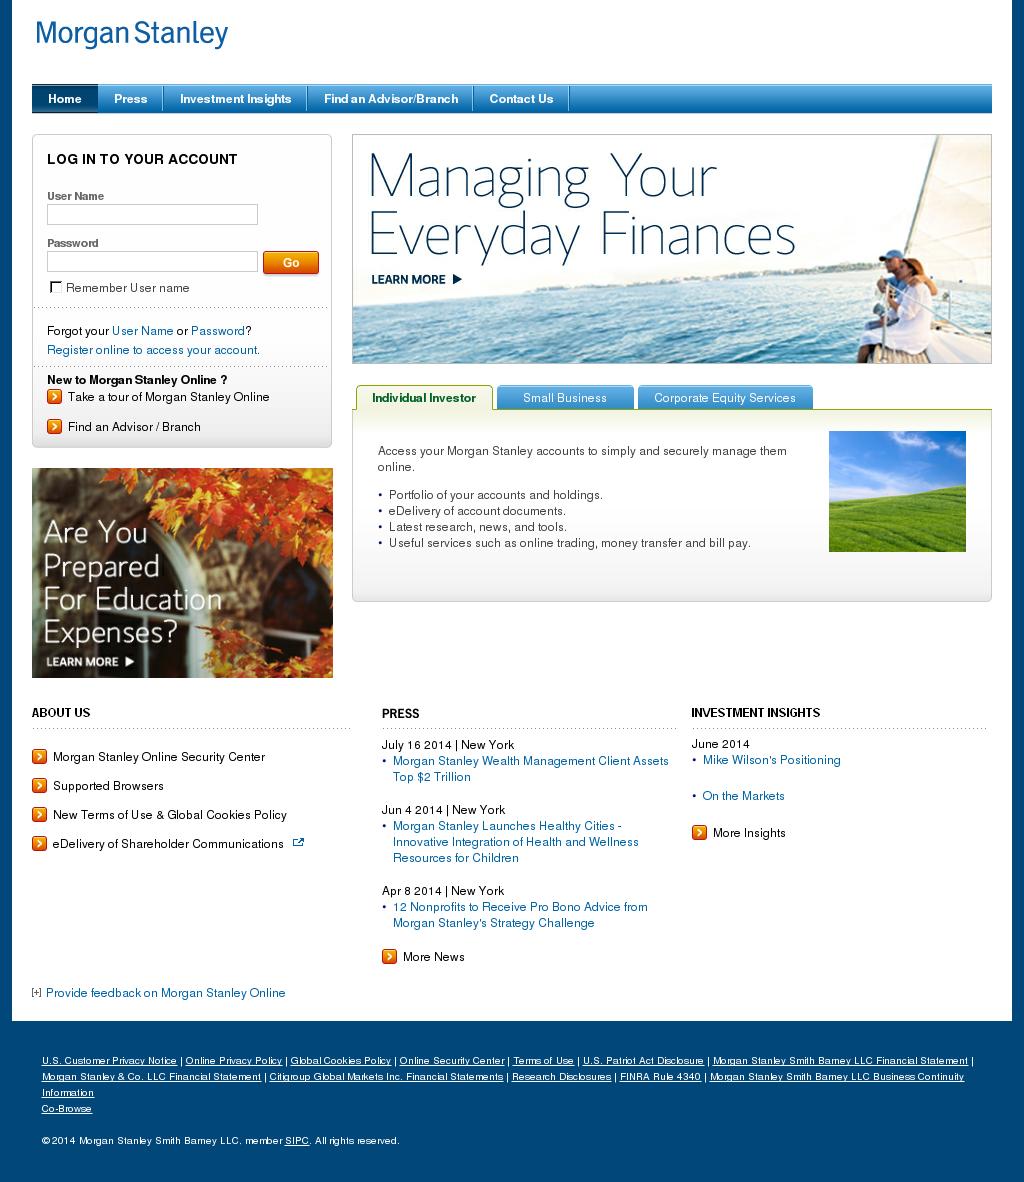 Owler Reports - Morgan Stanley Smith Barney: Morgan Stanley